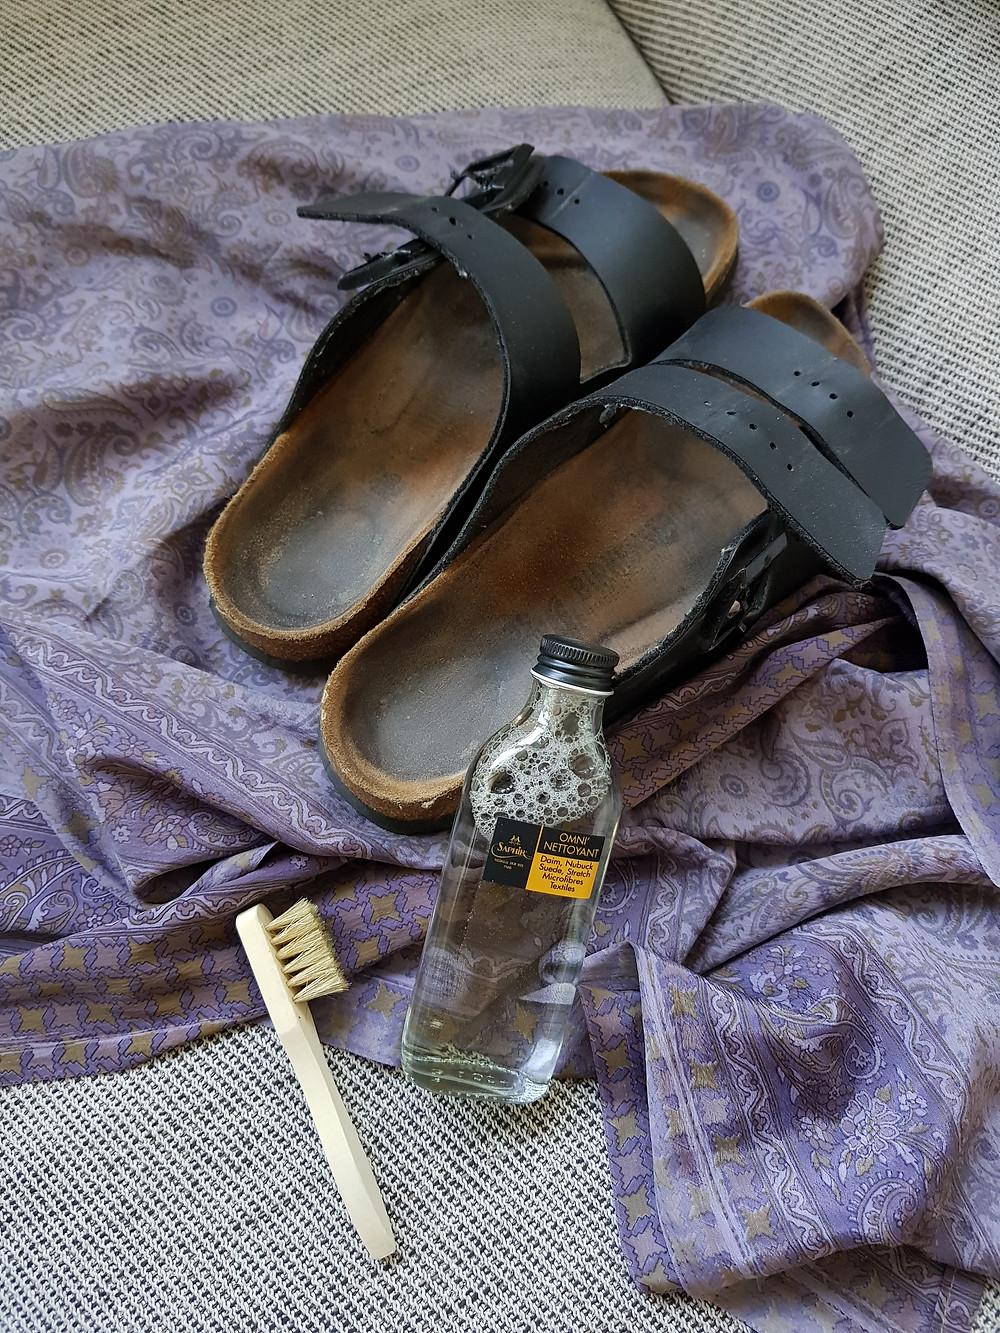 Kuvassa näkyy mokkakivellä kumitetut sandaalit lilan torkkupeiton päällä sekä pohjan pesuainepullo ja siihen kuuluva pieni harja.